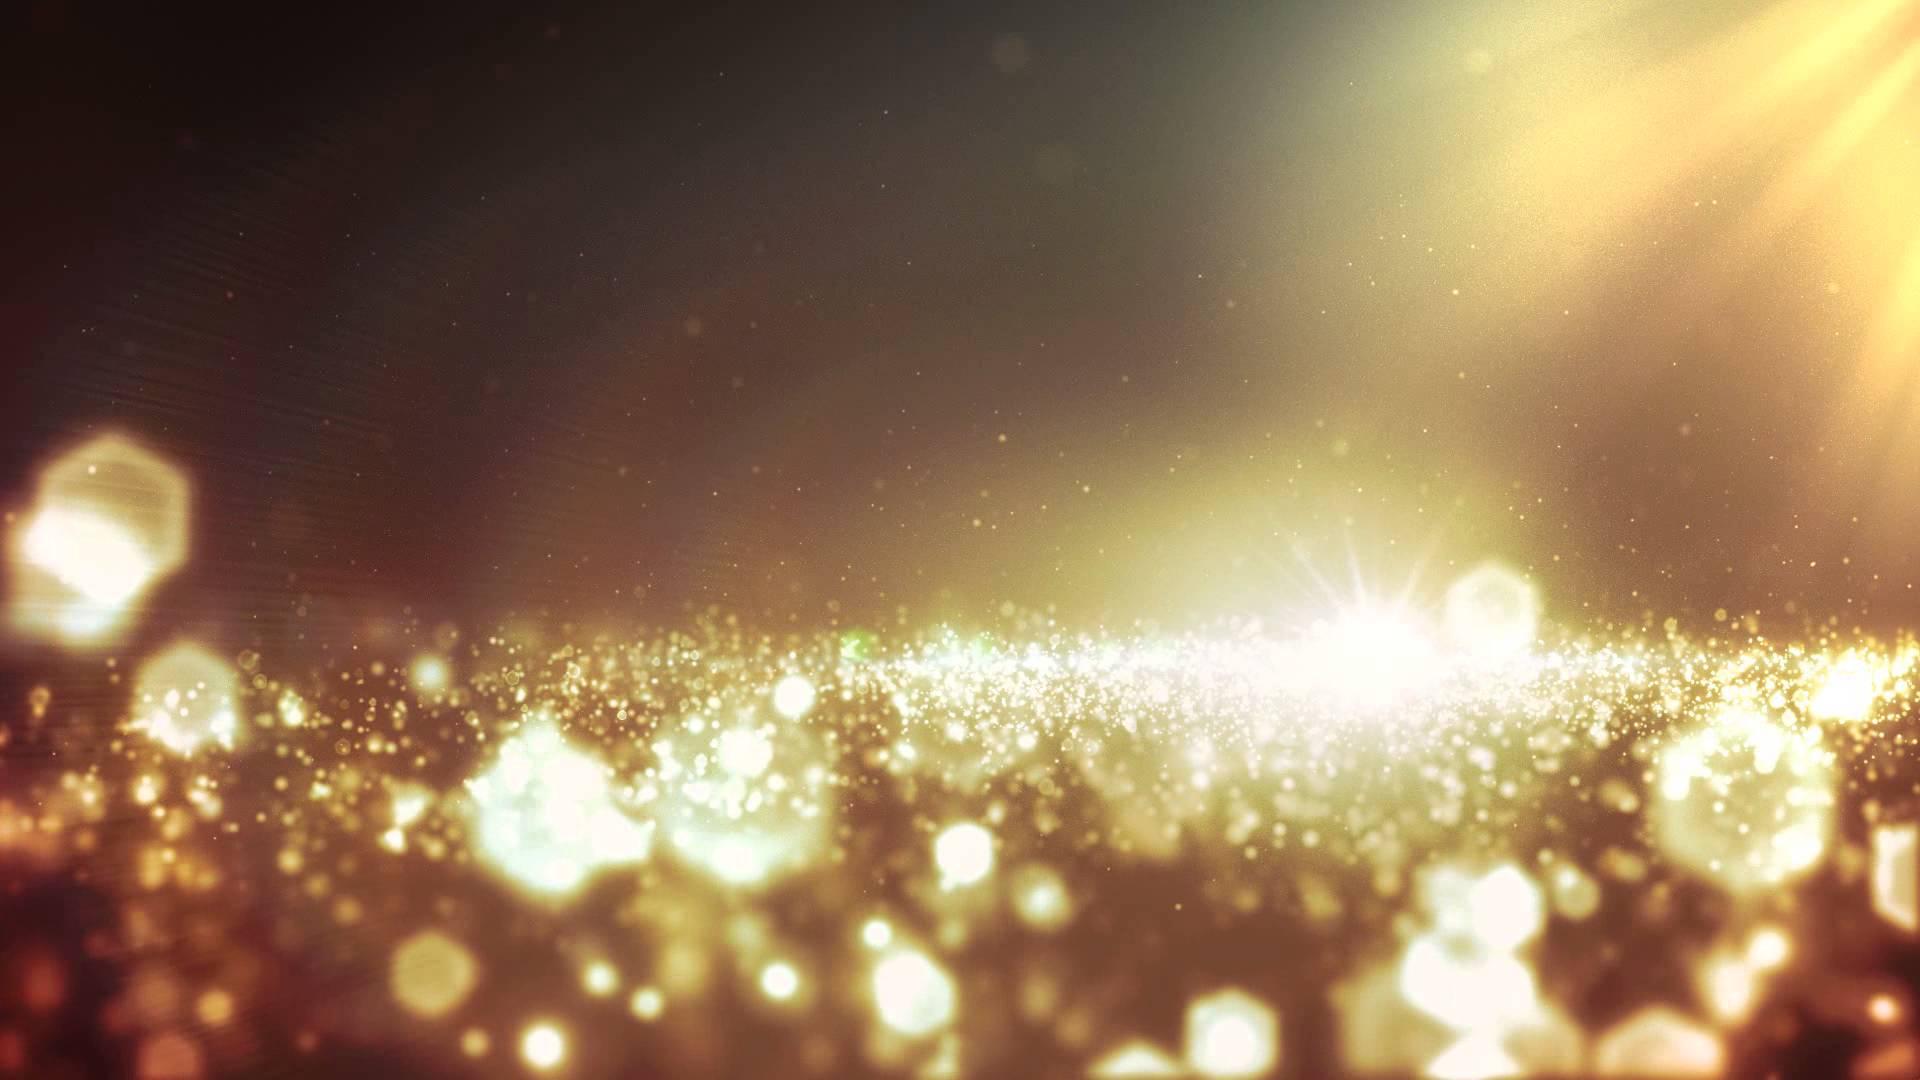 этом году золотой блик фото выглядят